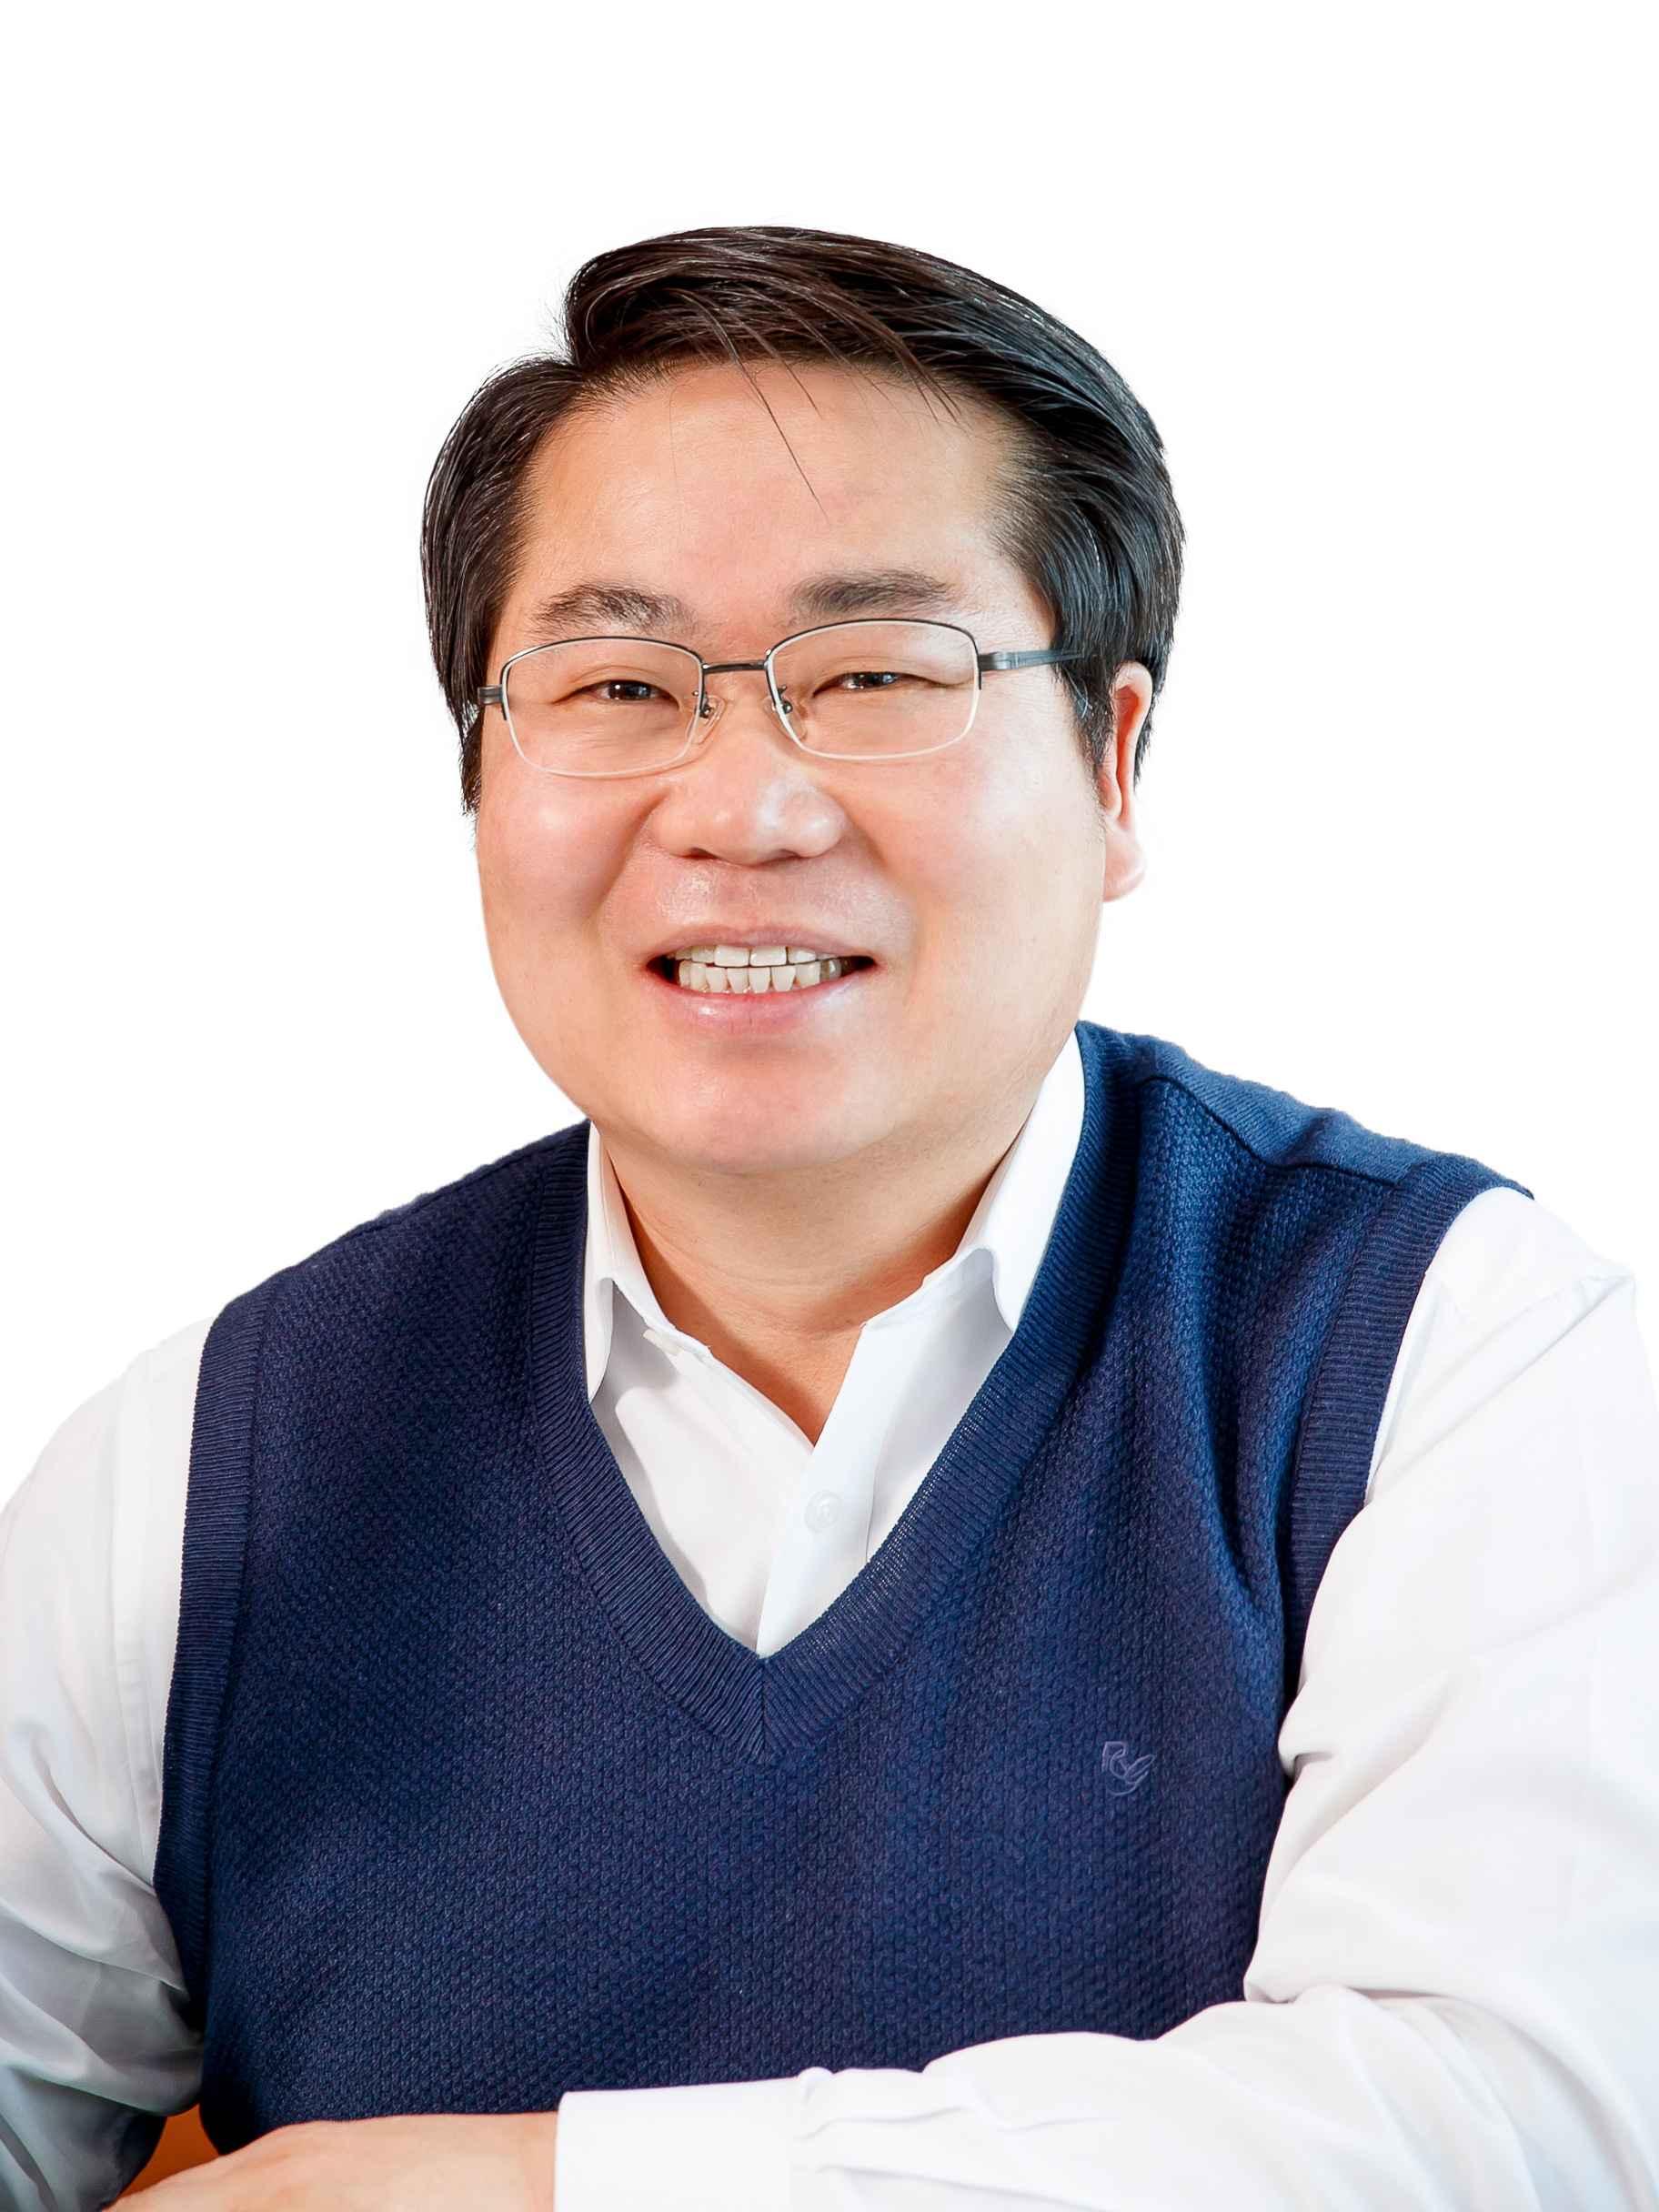 [대전kbs 제1라디오] 생생뉴스 - '충남독서대전' 소개(시장님 출연)